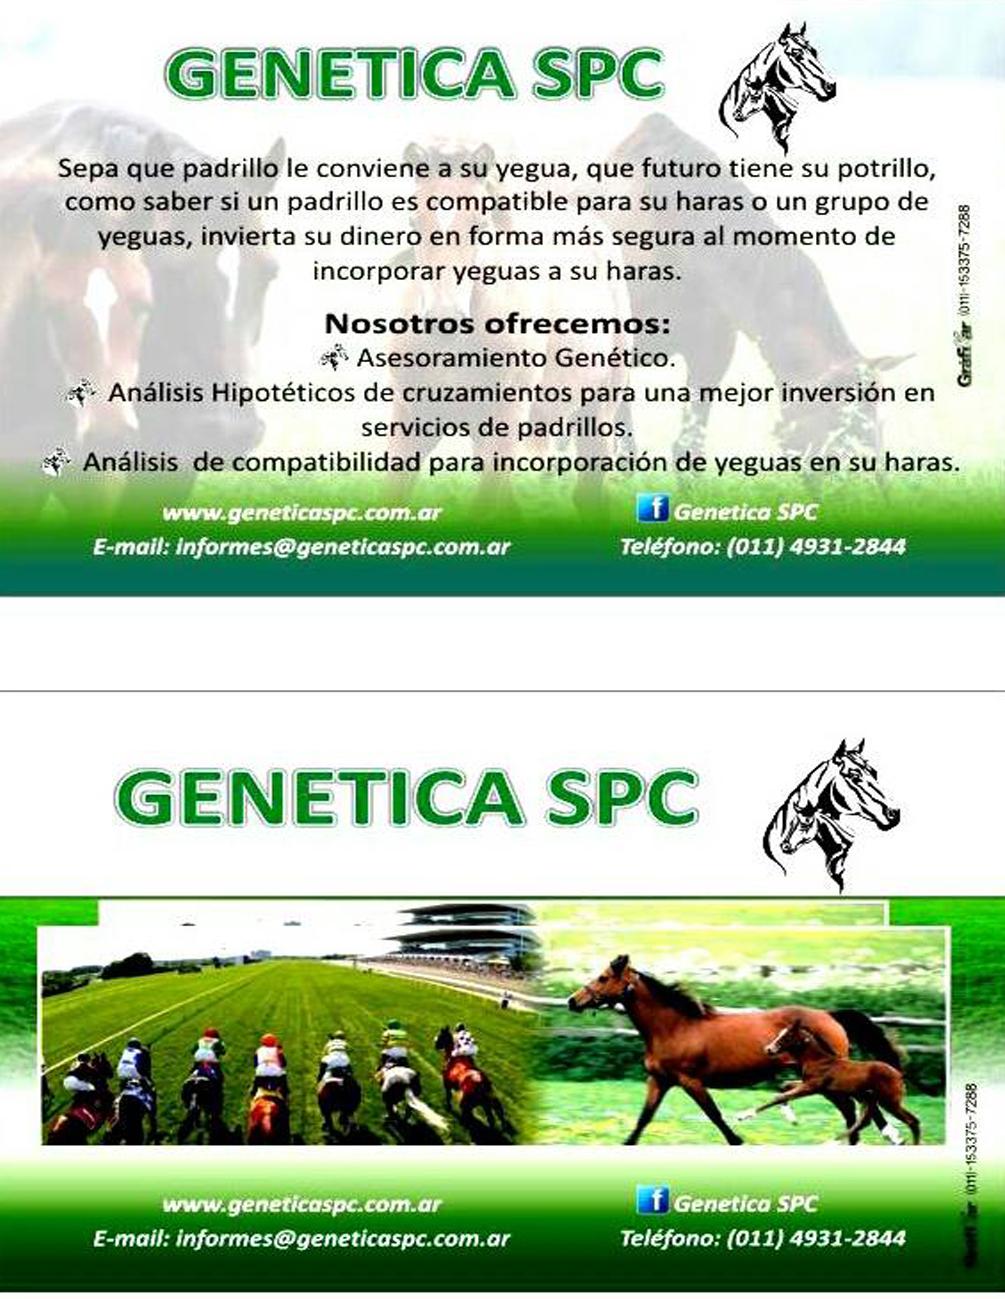 GENÉTICA SPC